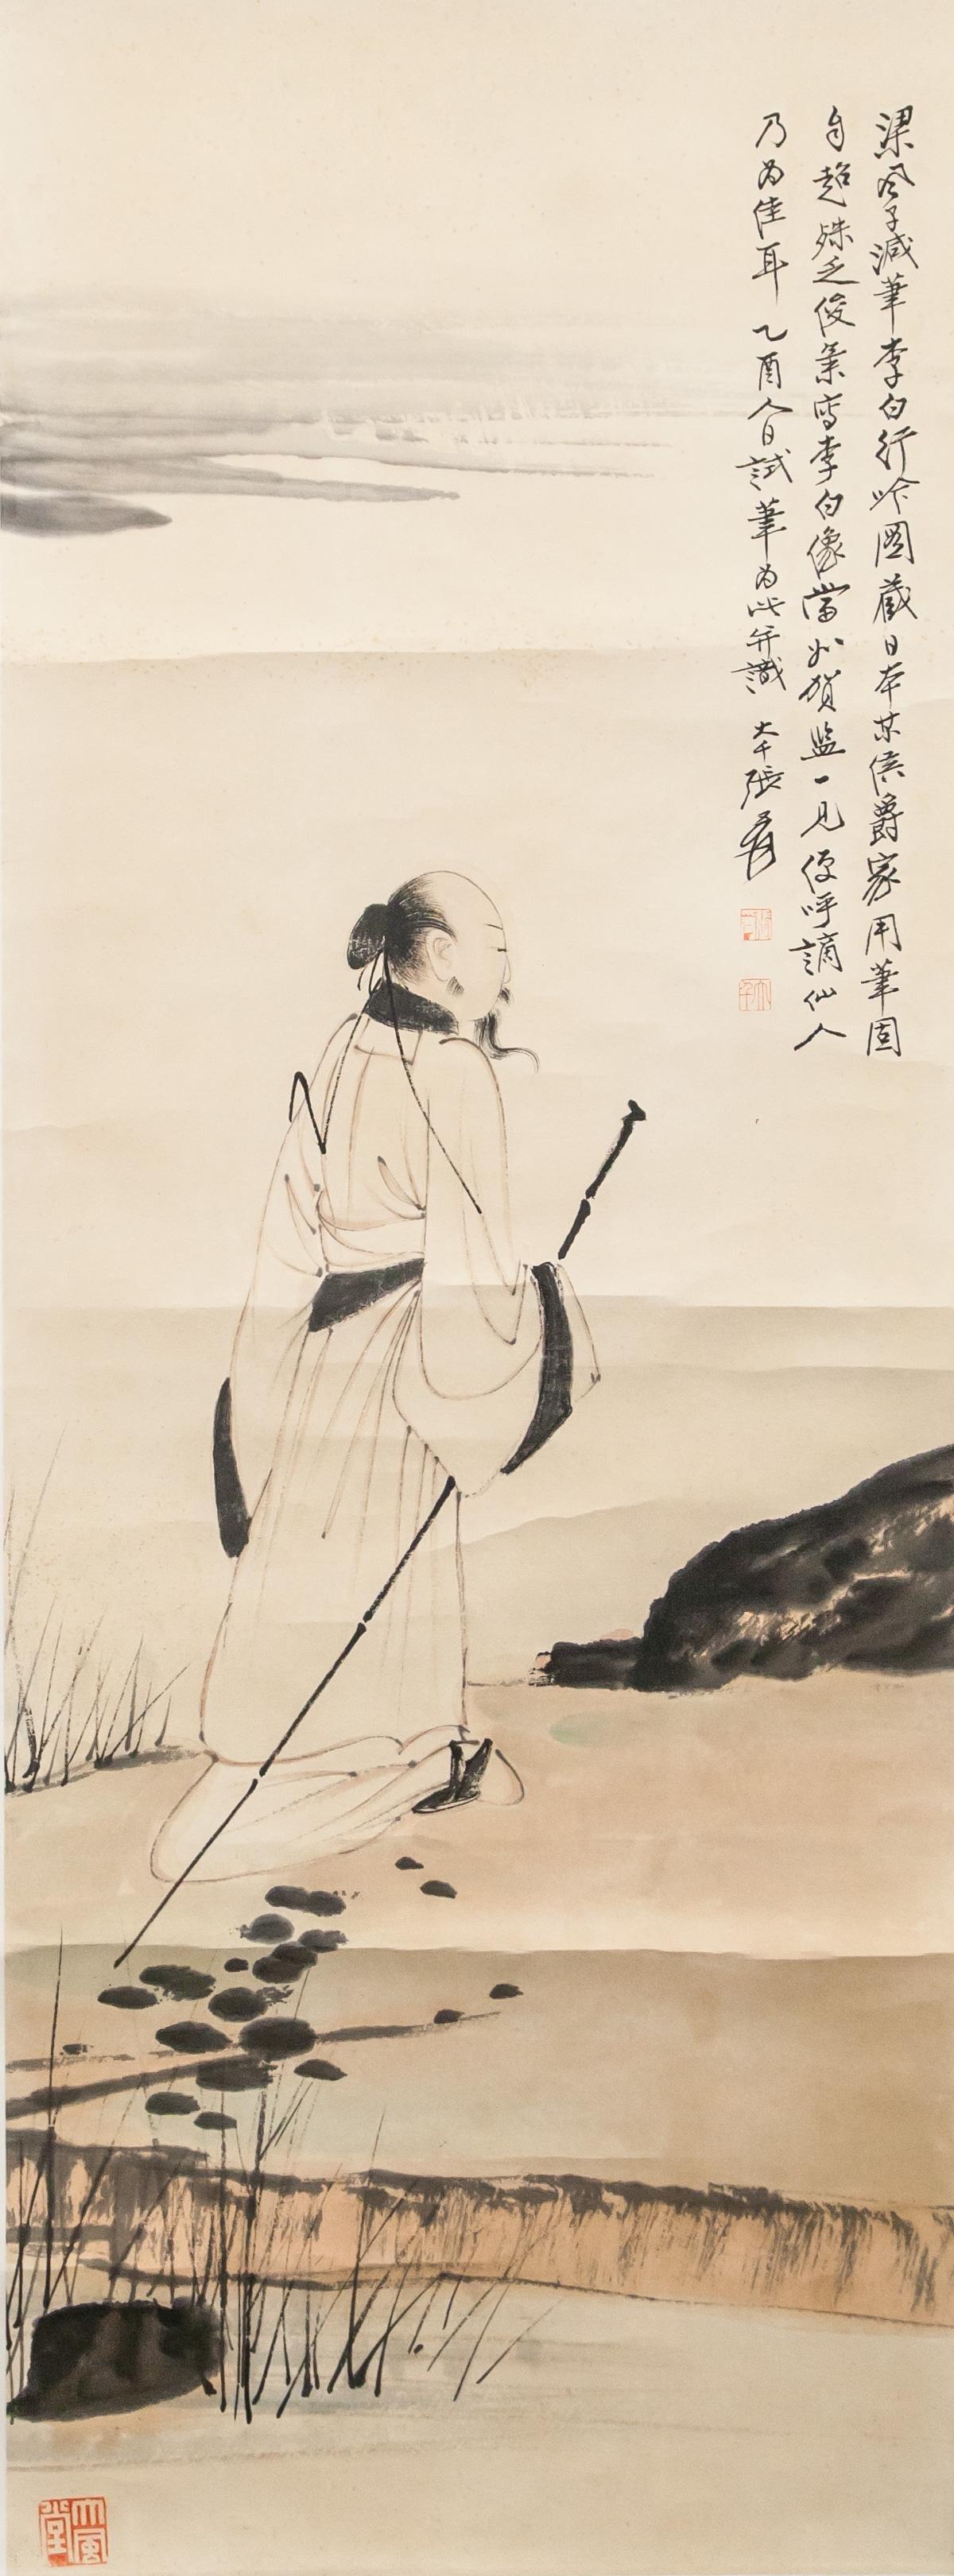 Zhang Daqian 1899-1983 Chinese Watercolor Figure